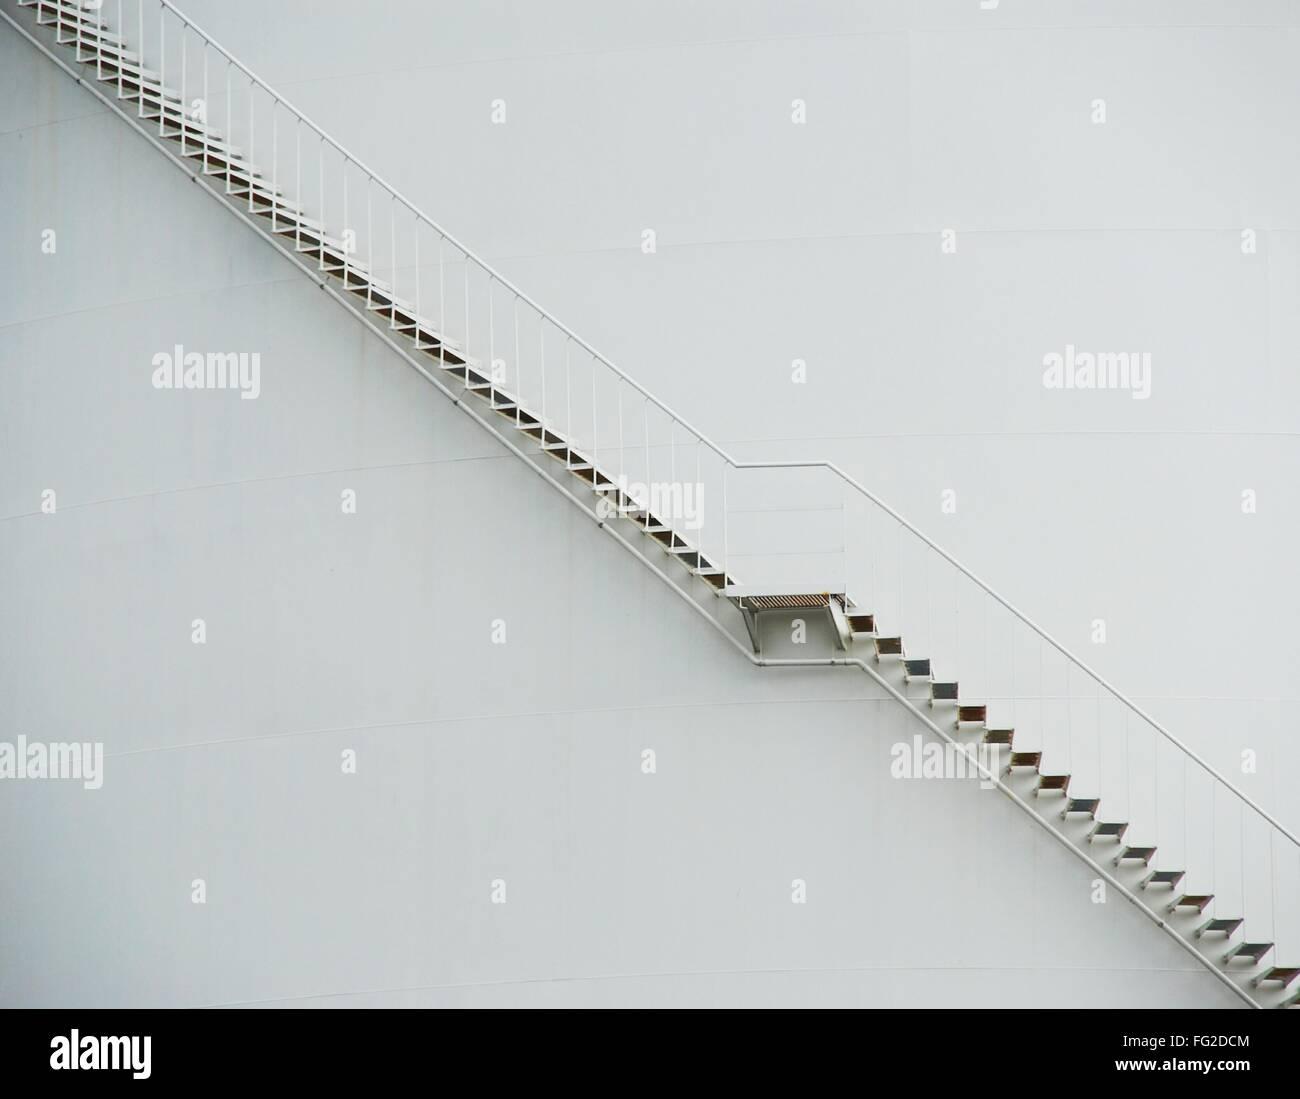 Vue latérale de l'Escalier contre le mur Photo Stock